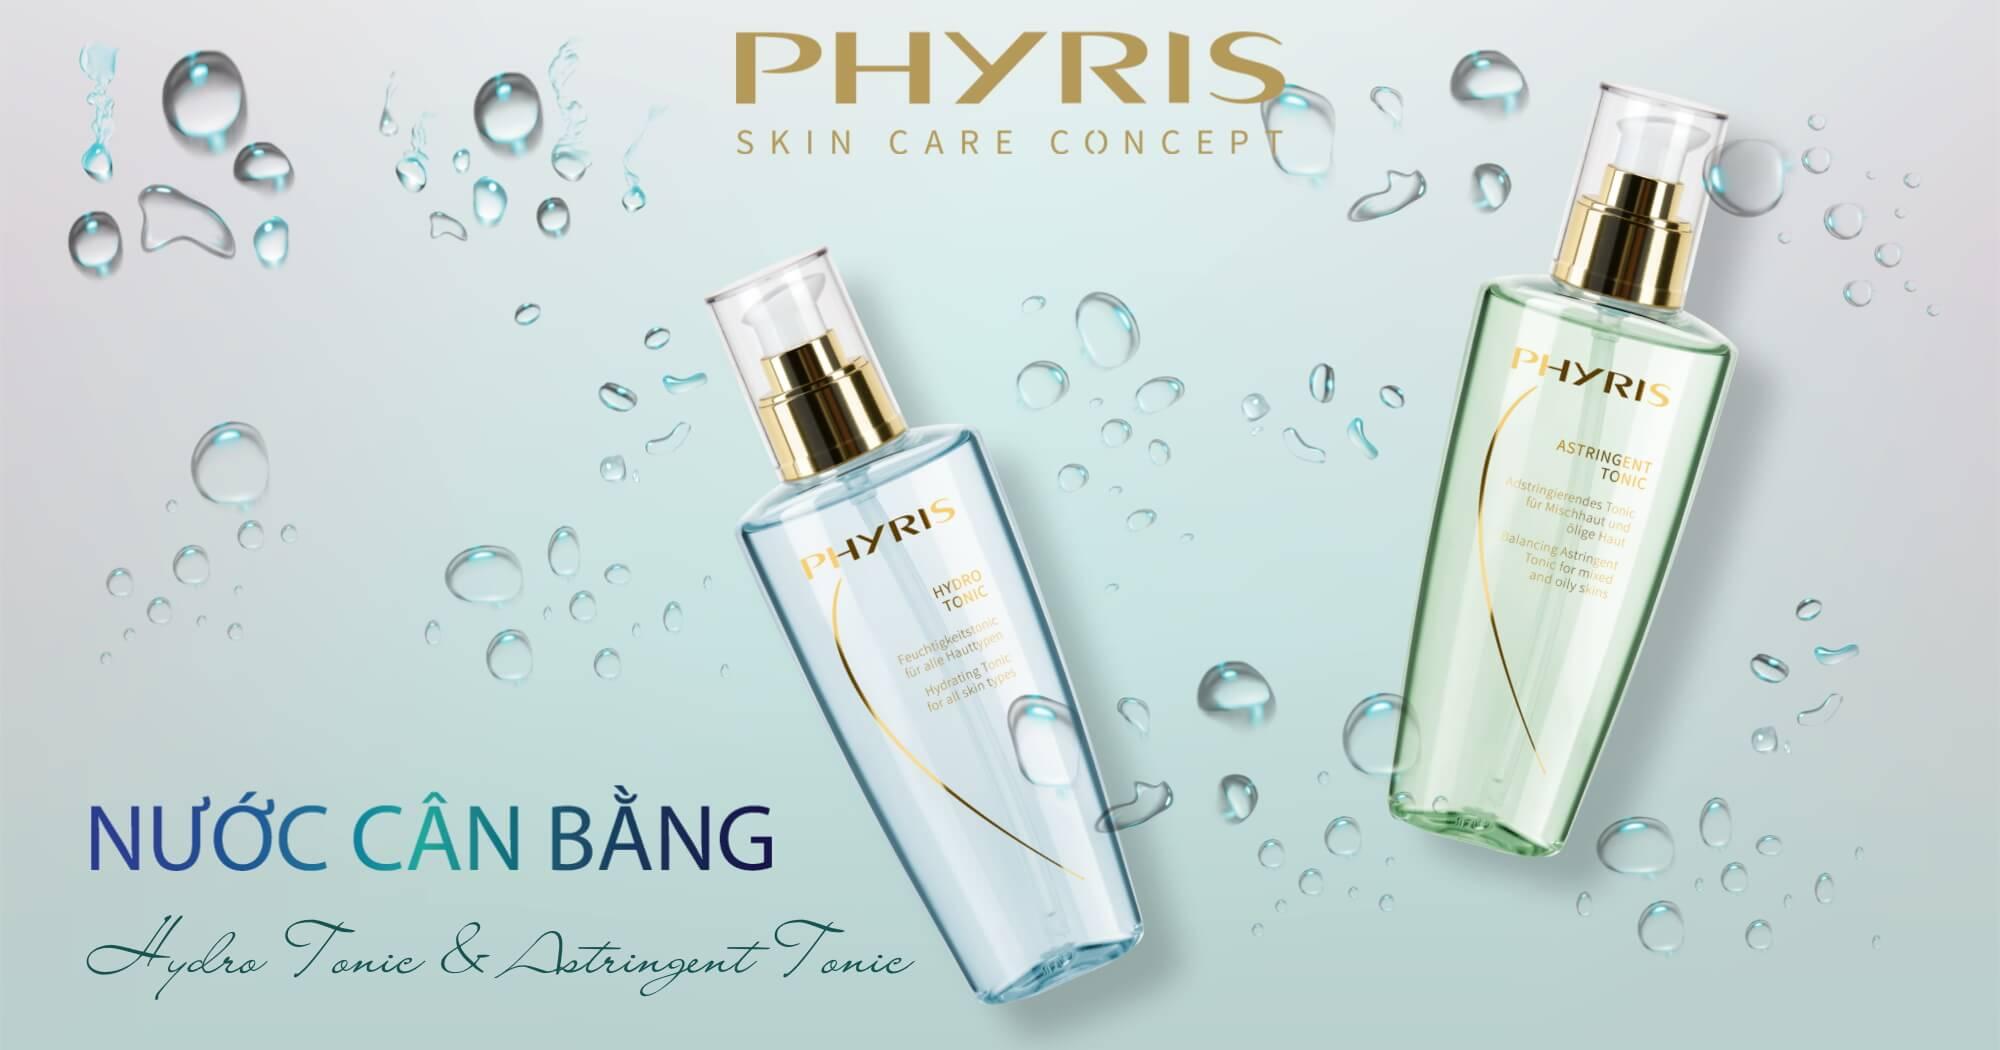 Cân bằng da tại nhà với các sản phẩm hiệu quả từ PHYRIS.